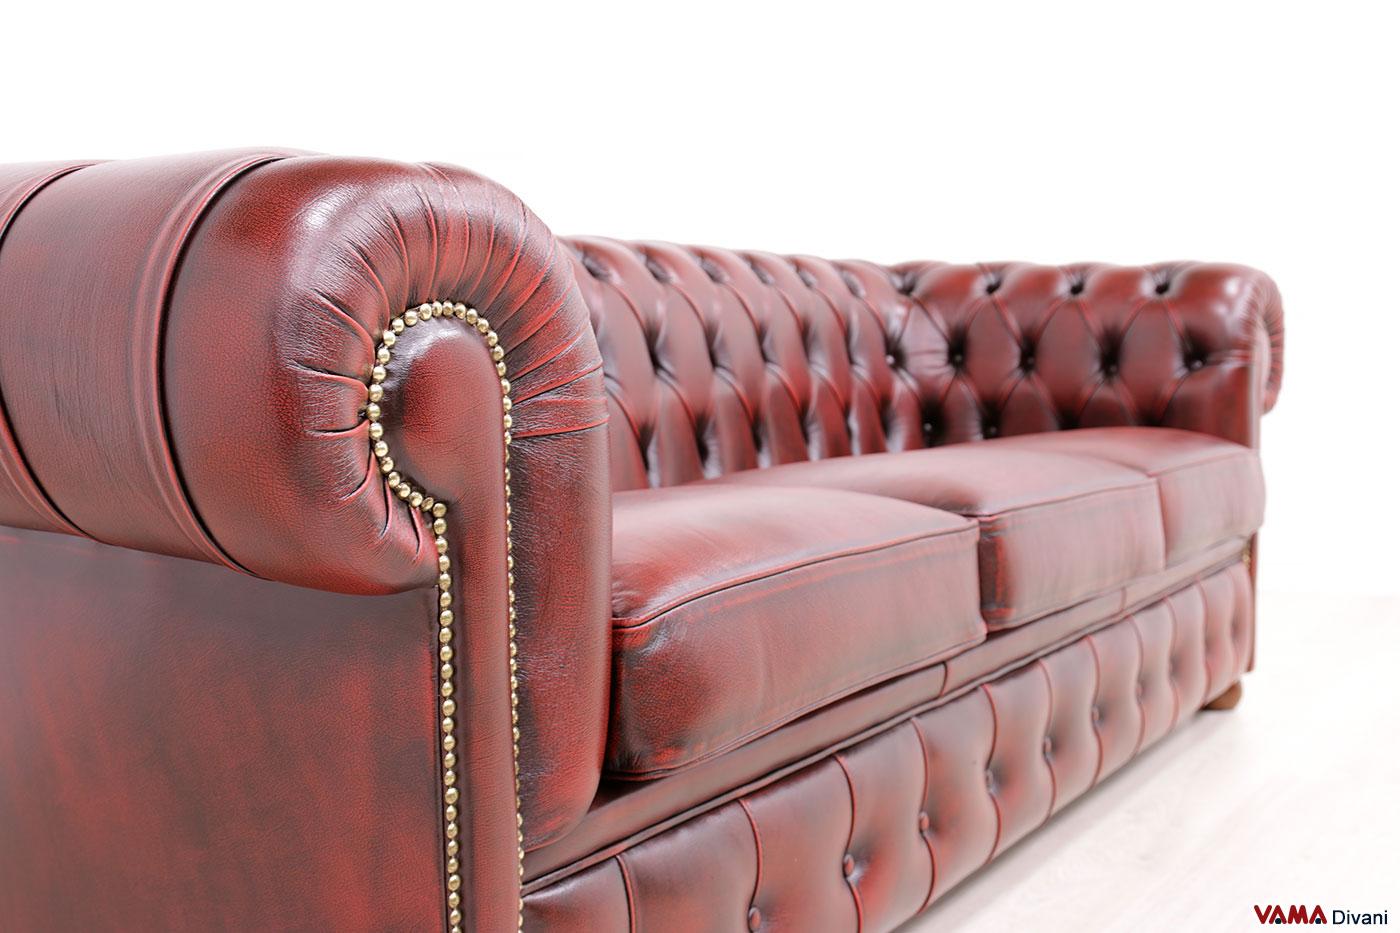 Borchie ottone invecchiato del divano Chester England